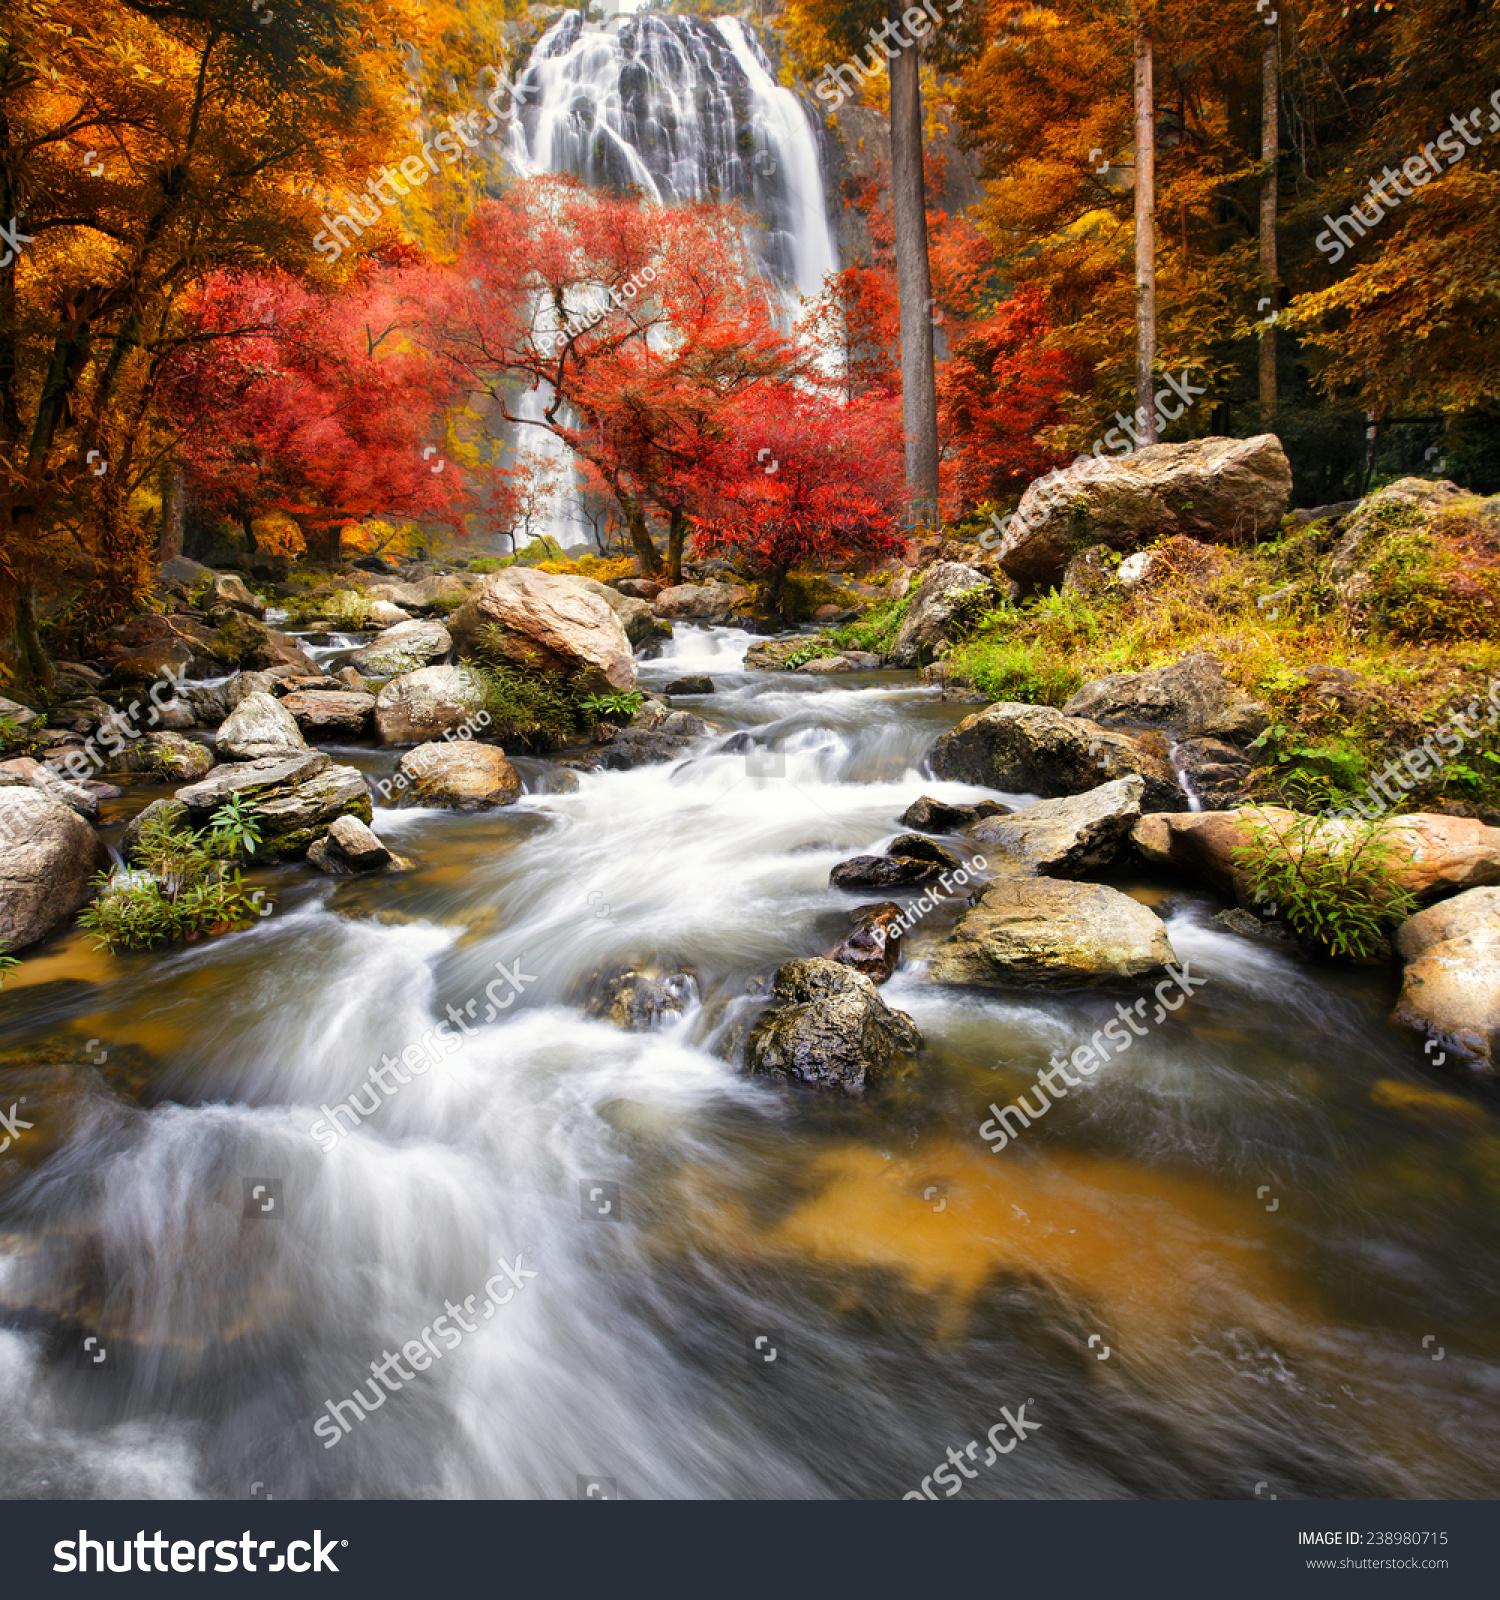 秋天的风景简报